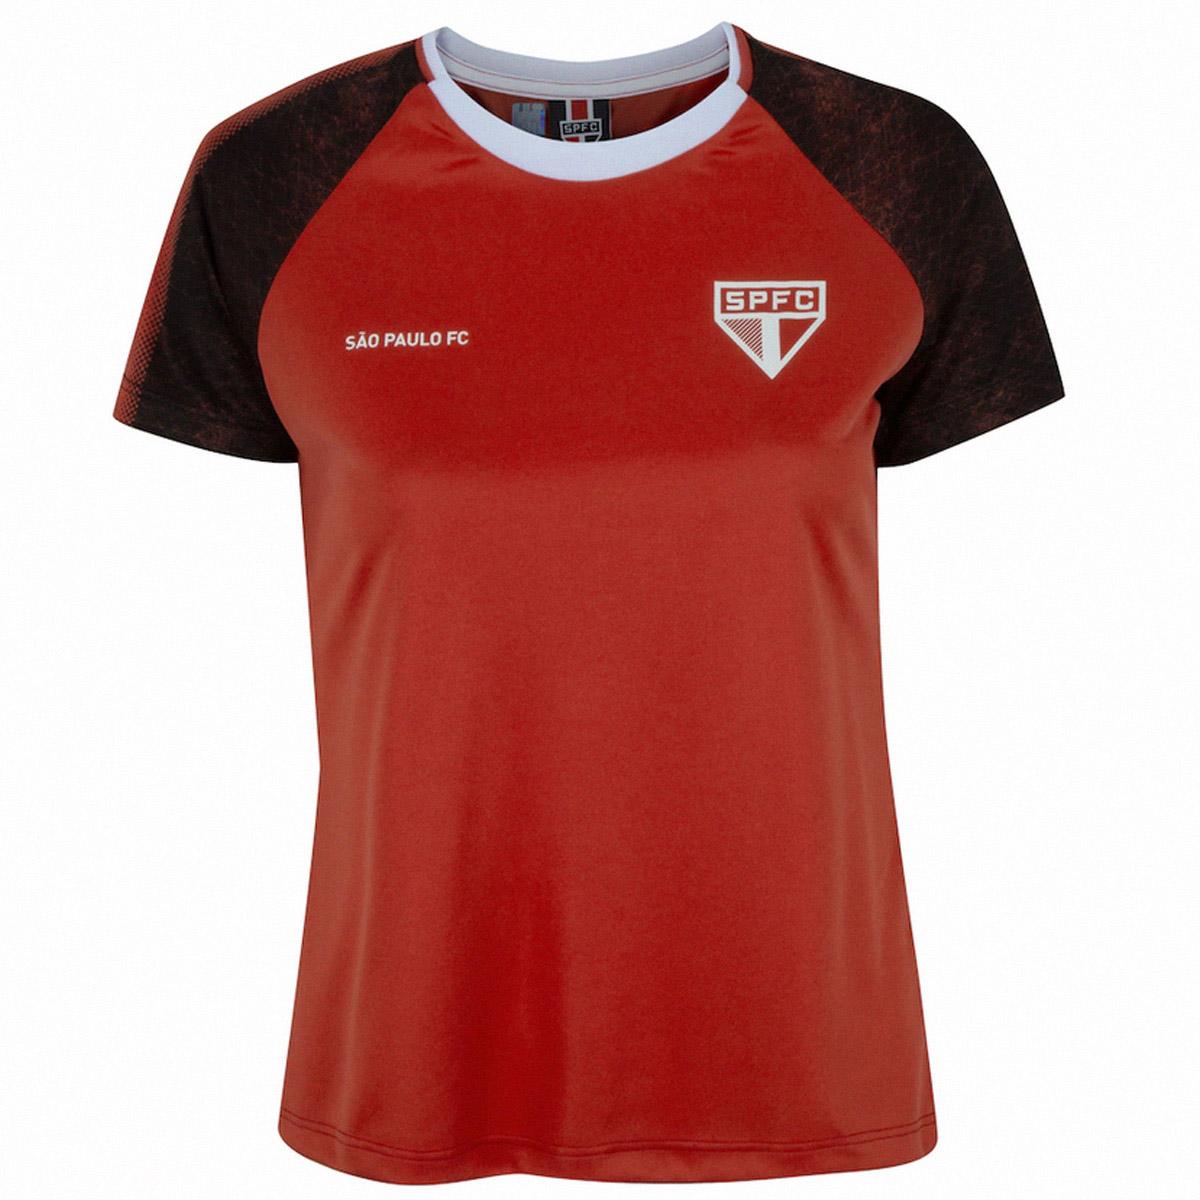 CAMISETA SÃO PAULO FC CLIMBER FEMININA VERMELHA